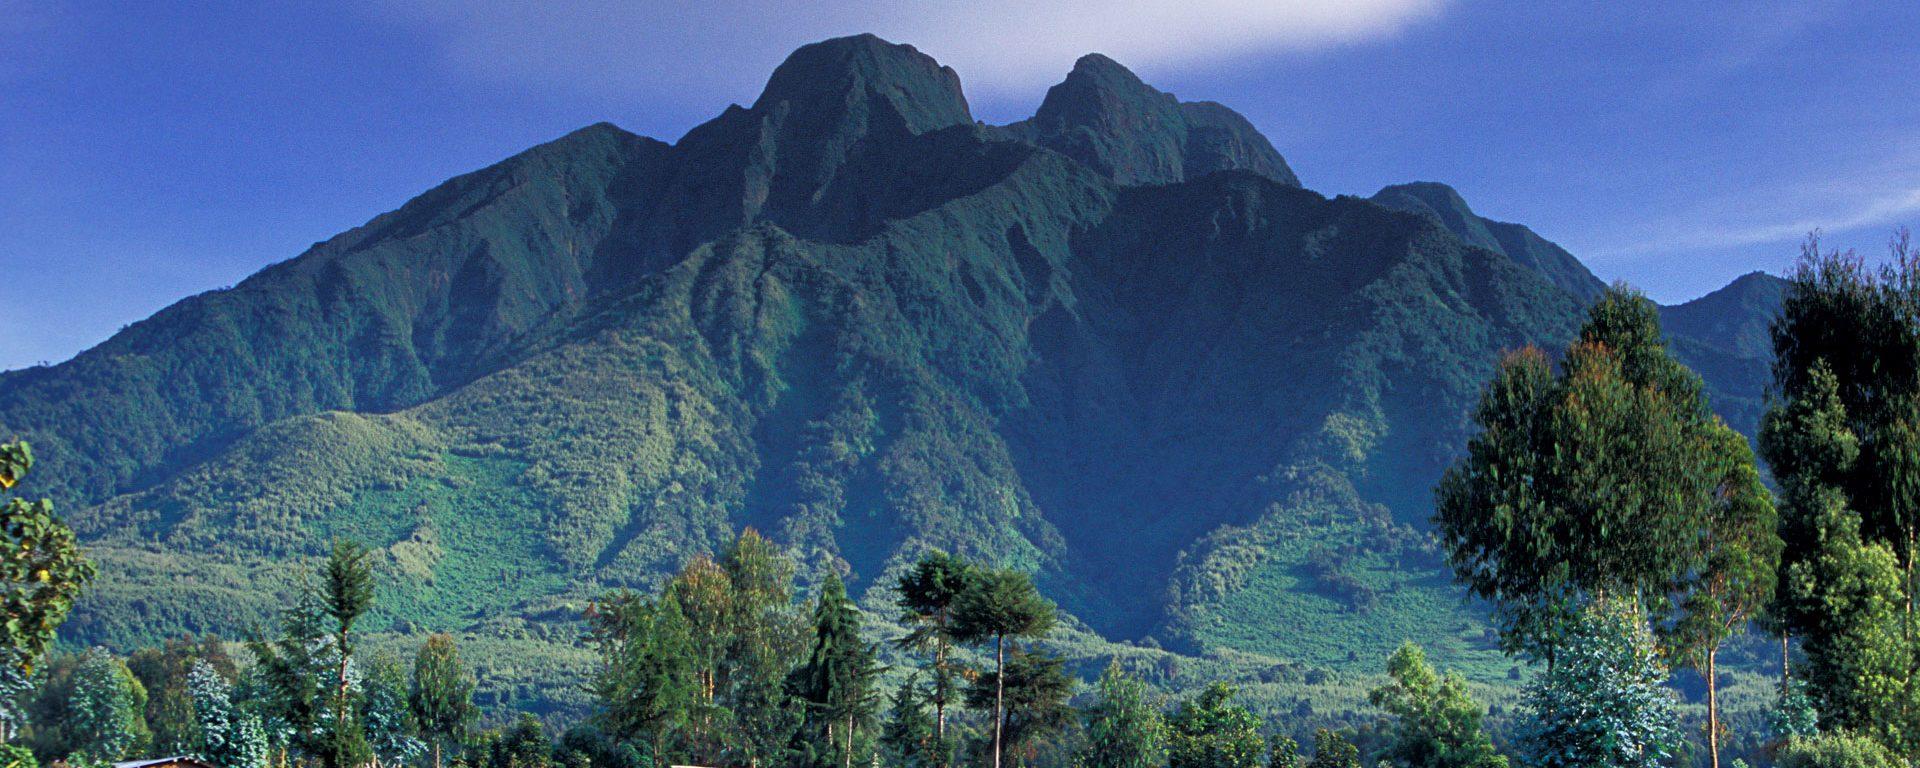 View of volcanoes from outside Volcanoes National Park, Rwanda